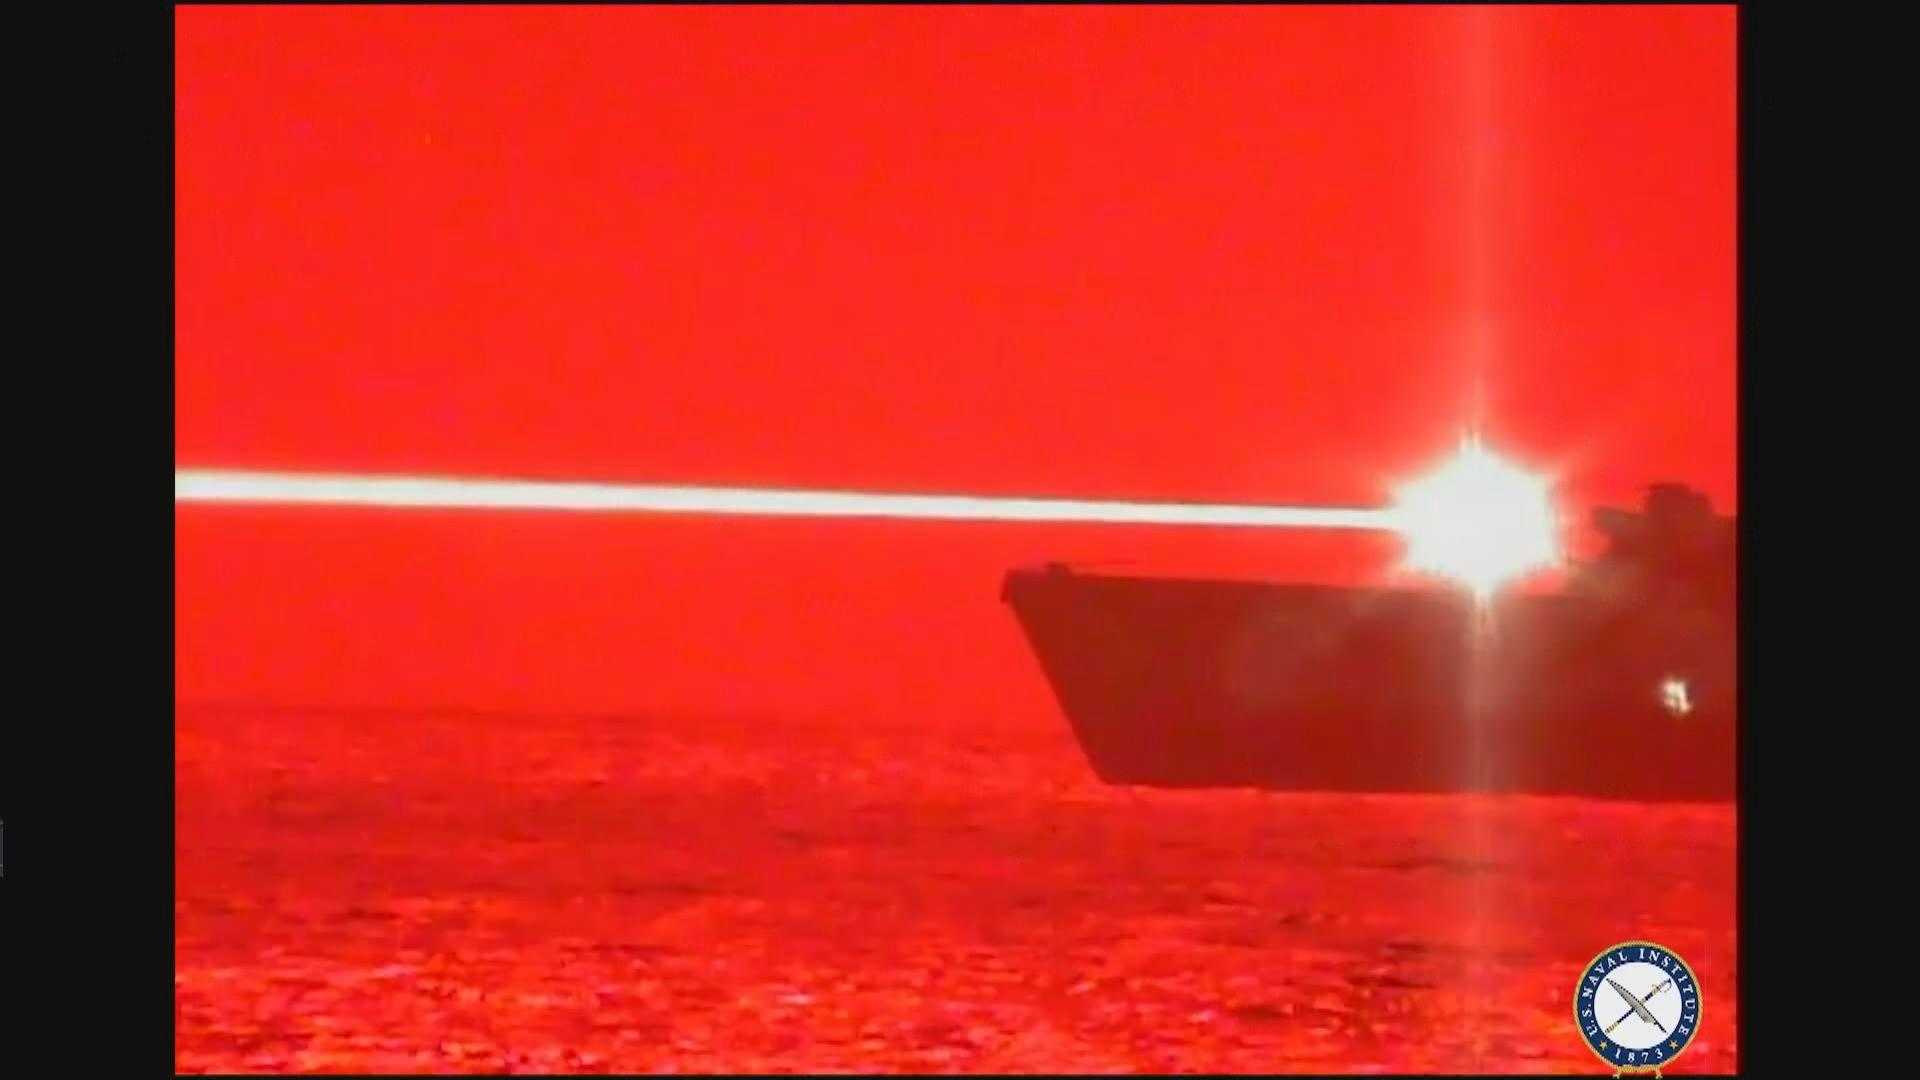 美軍使用高功率艦載激光武器擊毀無人機